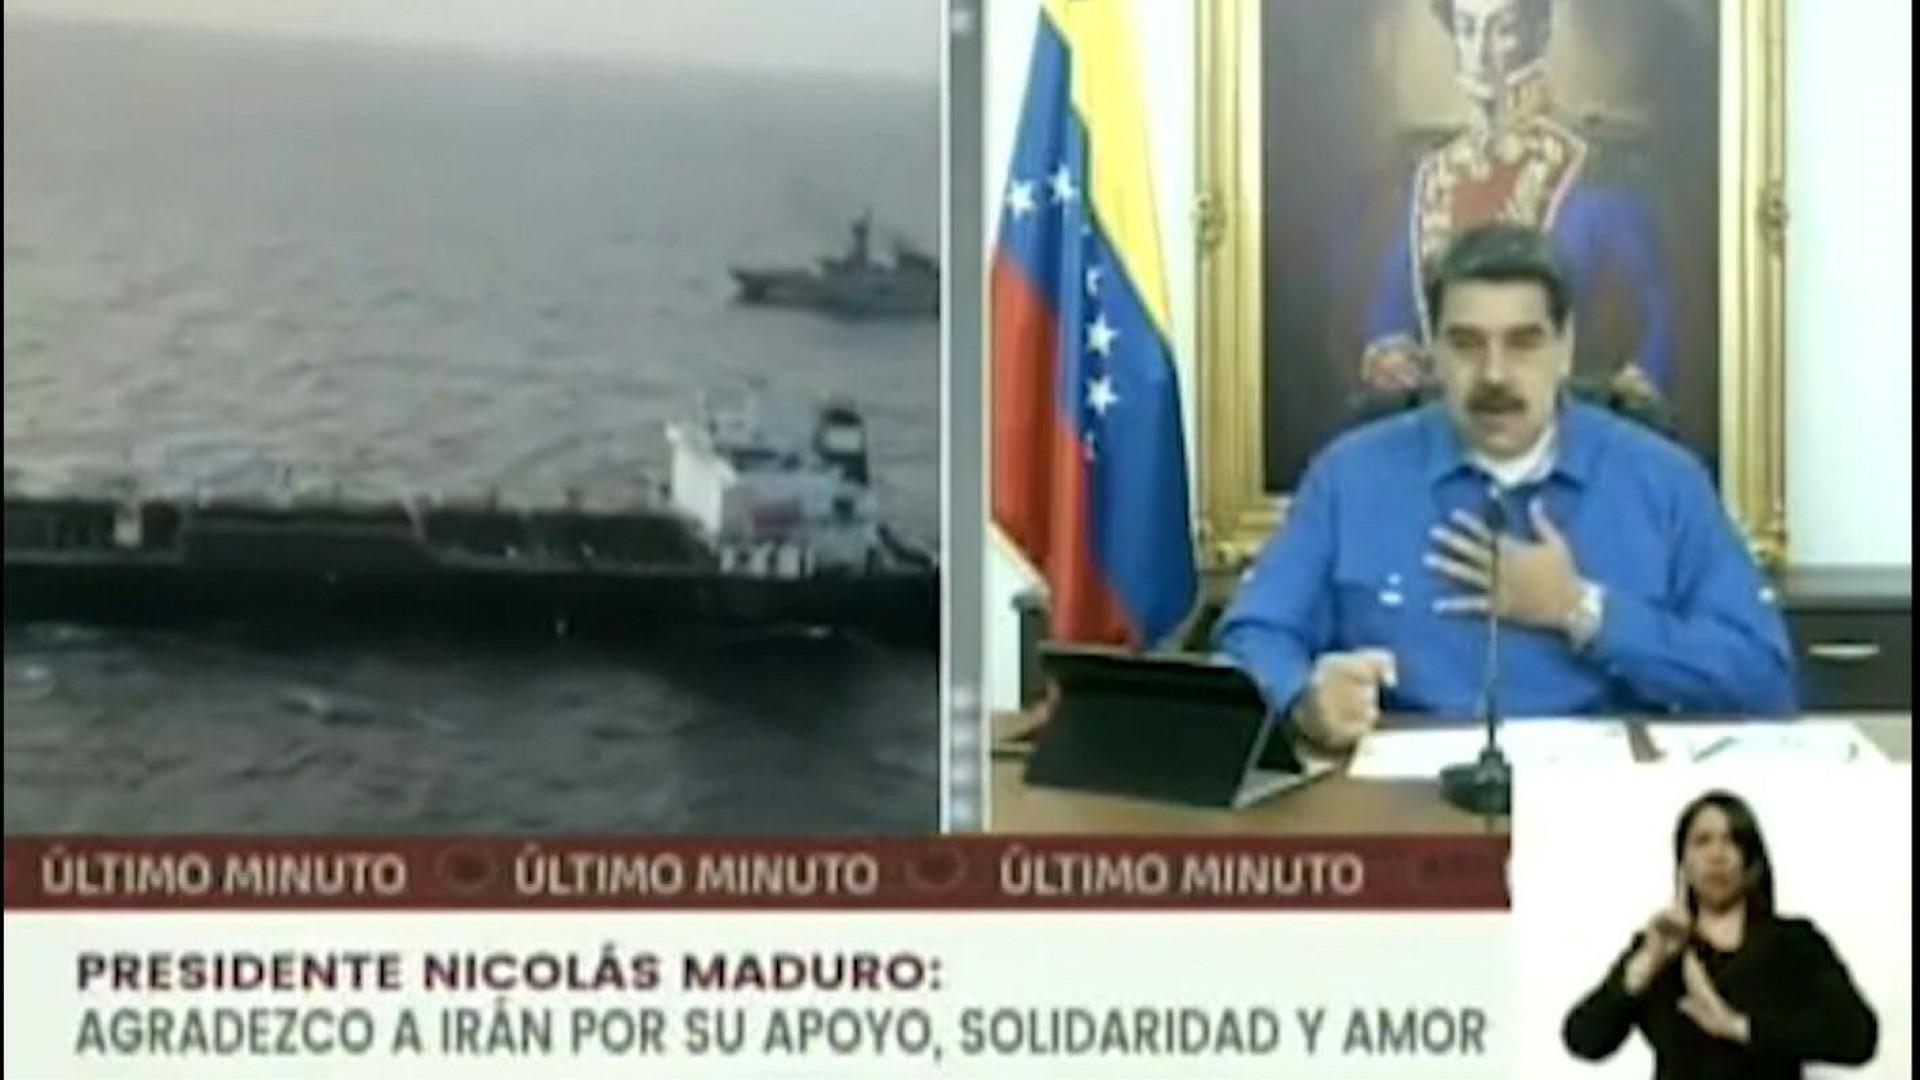 ¿Y ahora qué dijo Nicolás Maduro? Aquí el vídeo